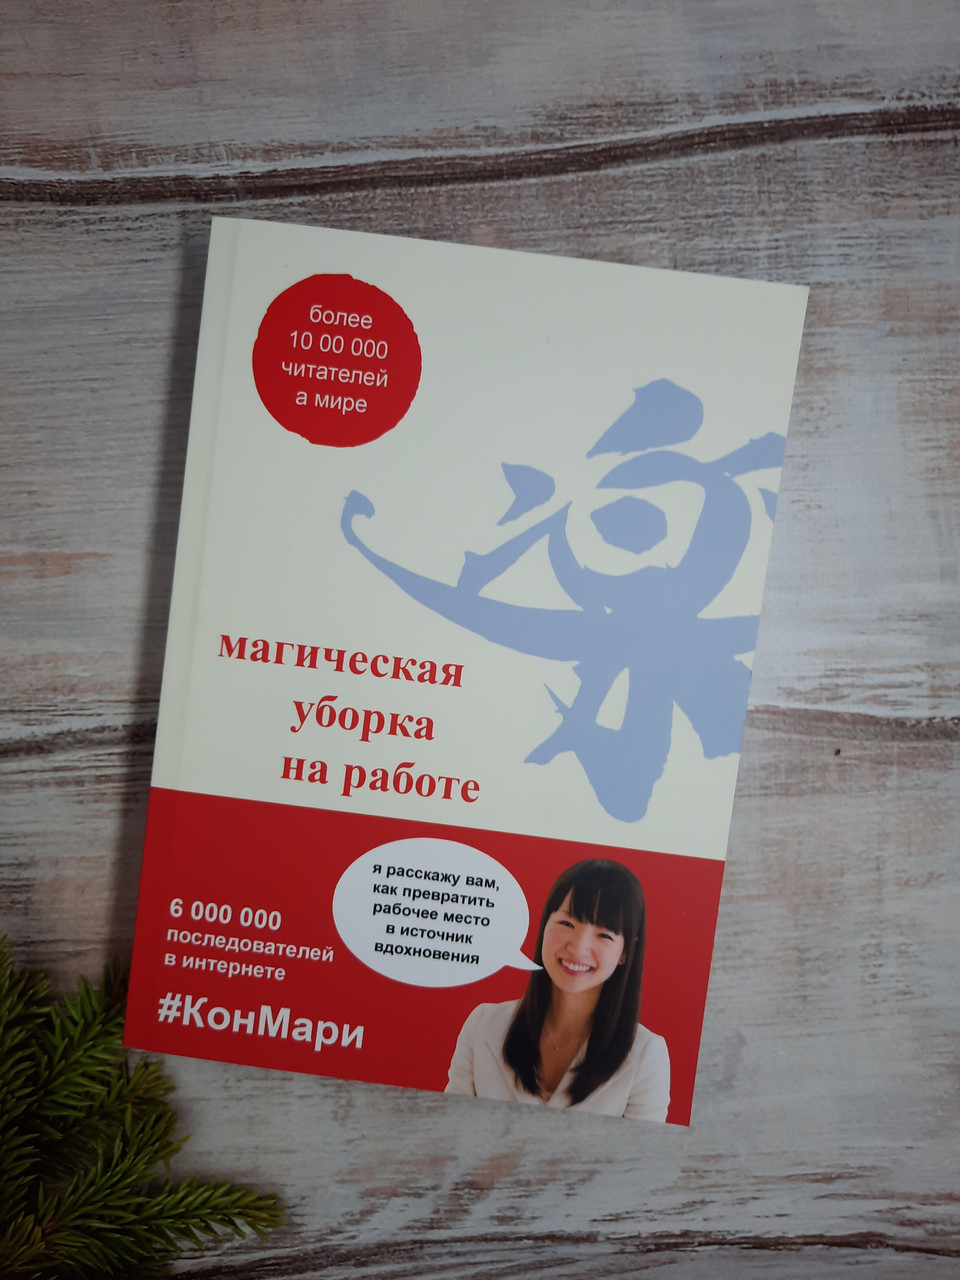 Кондо Мариэ Магическая уборка на работе